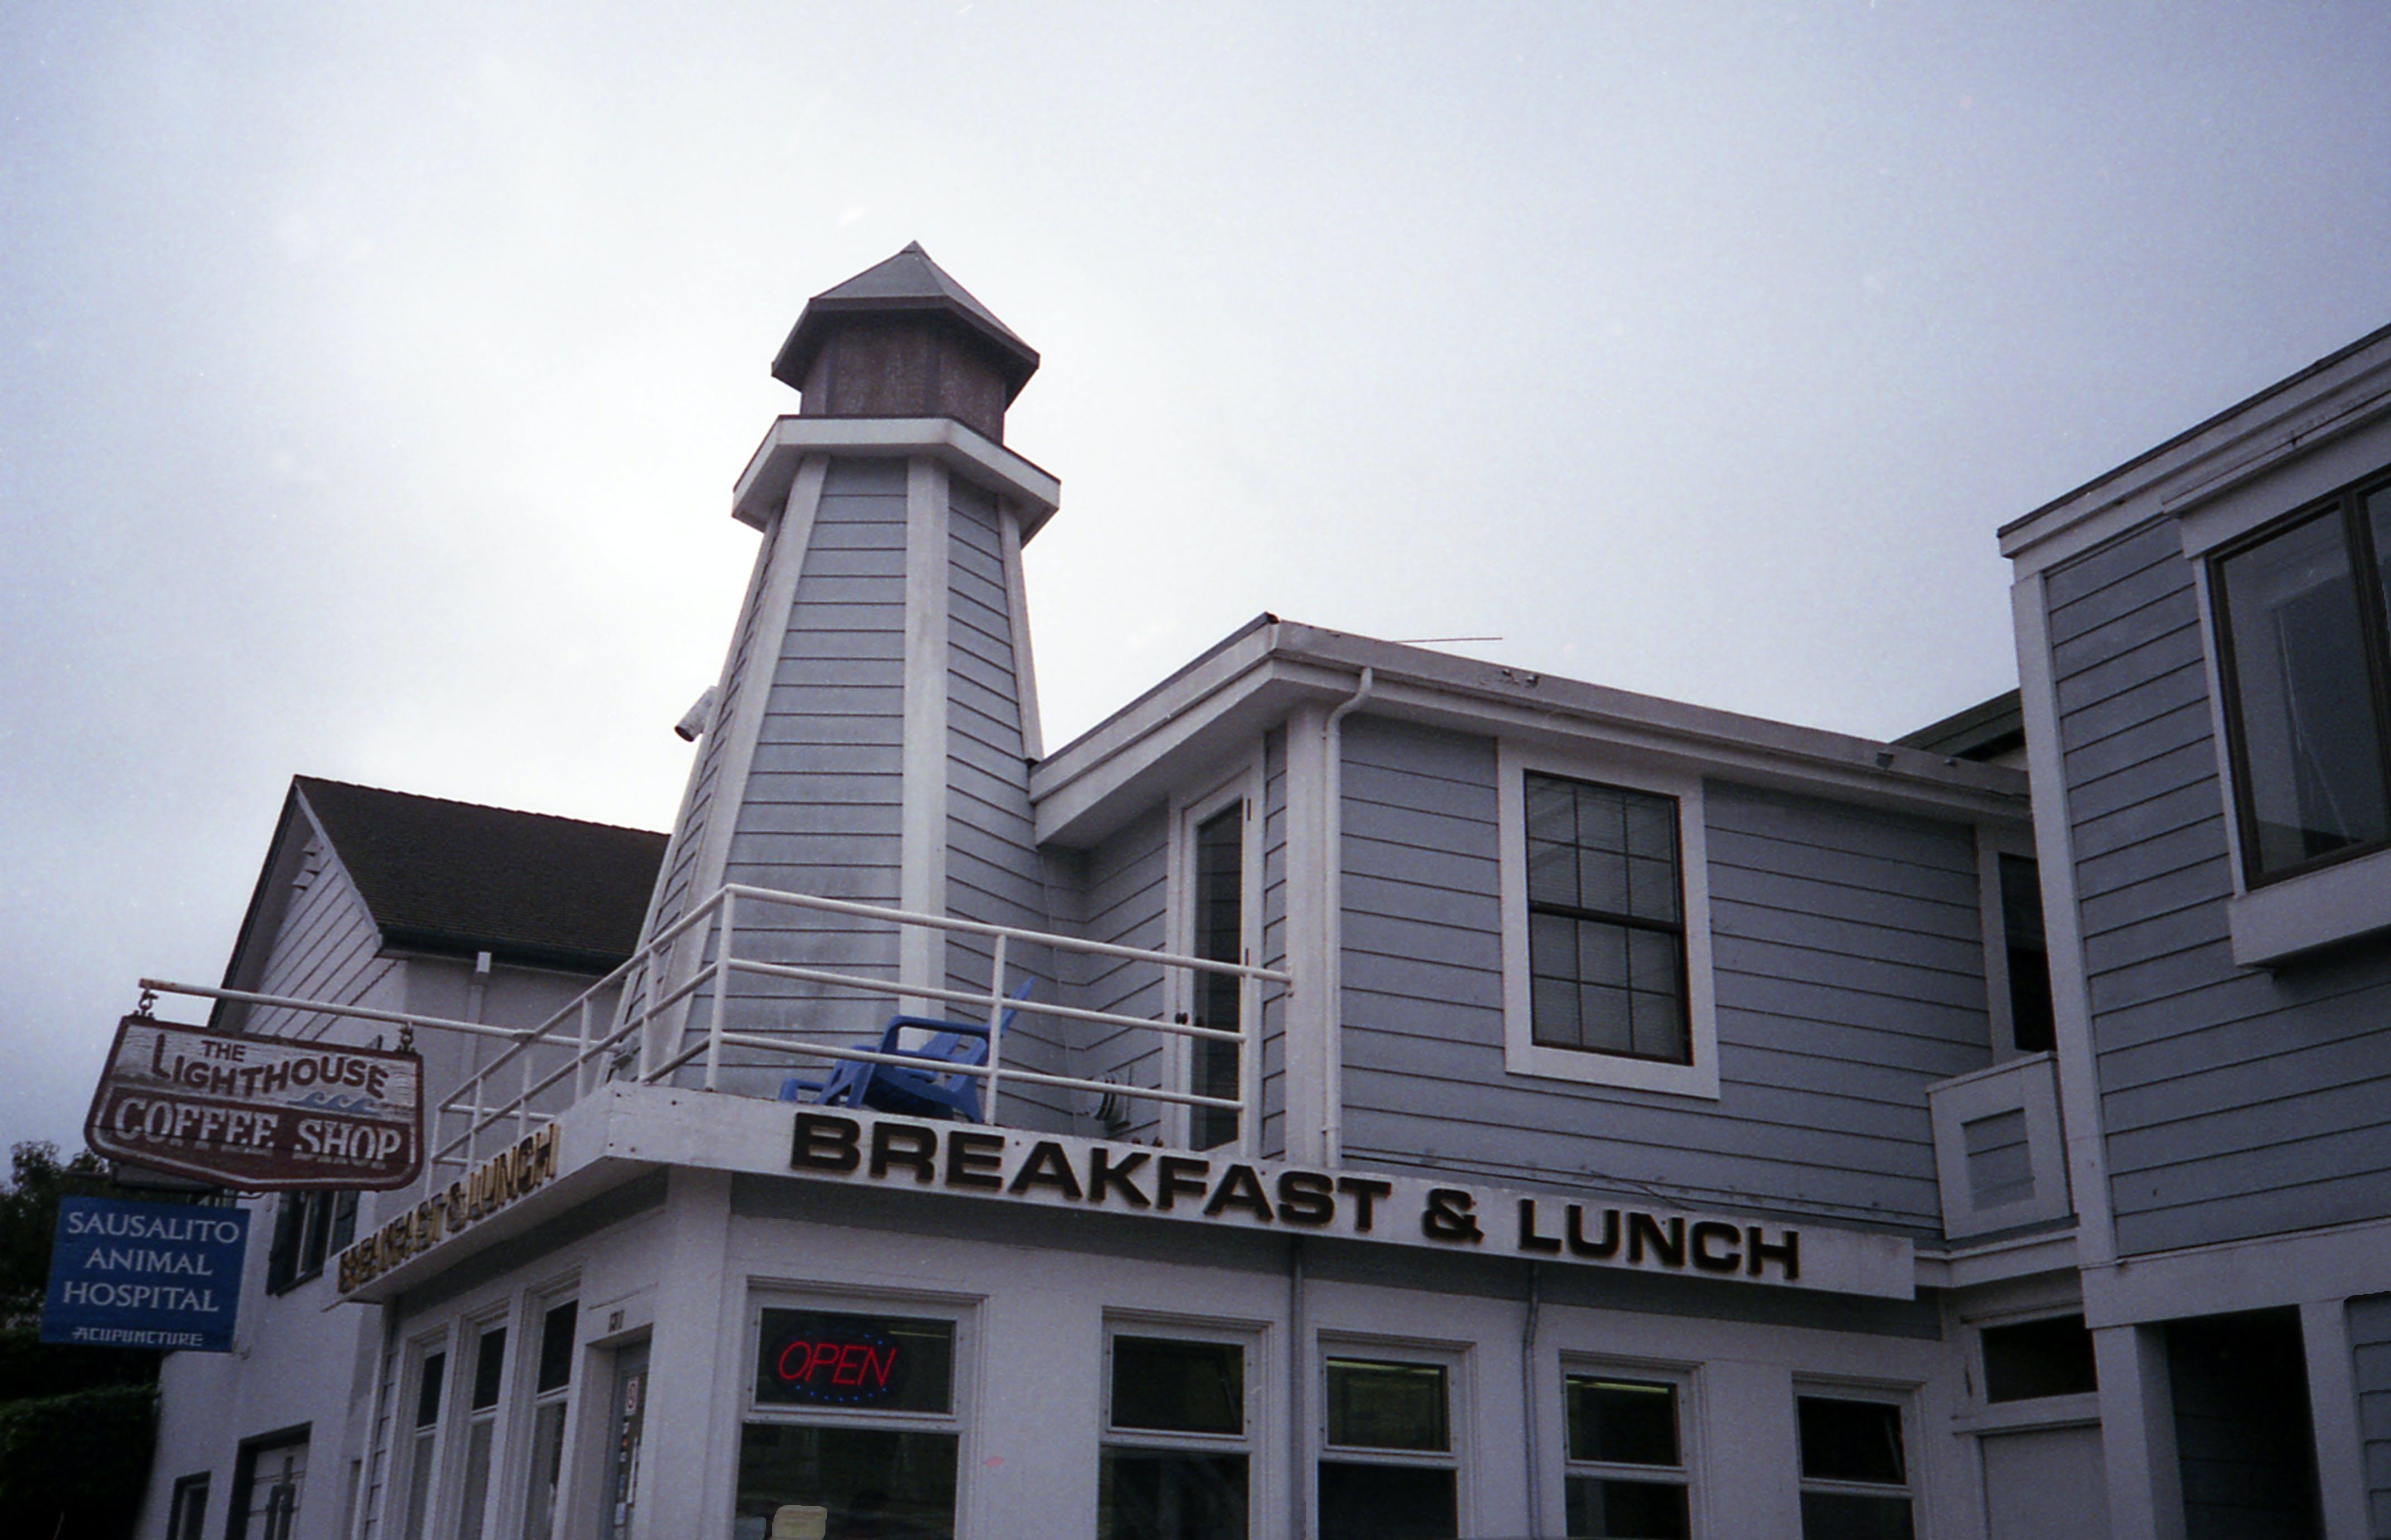 Breakfast & Lunch Restaurant